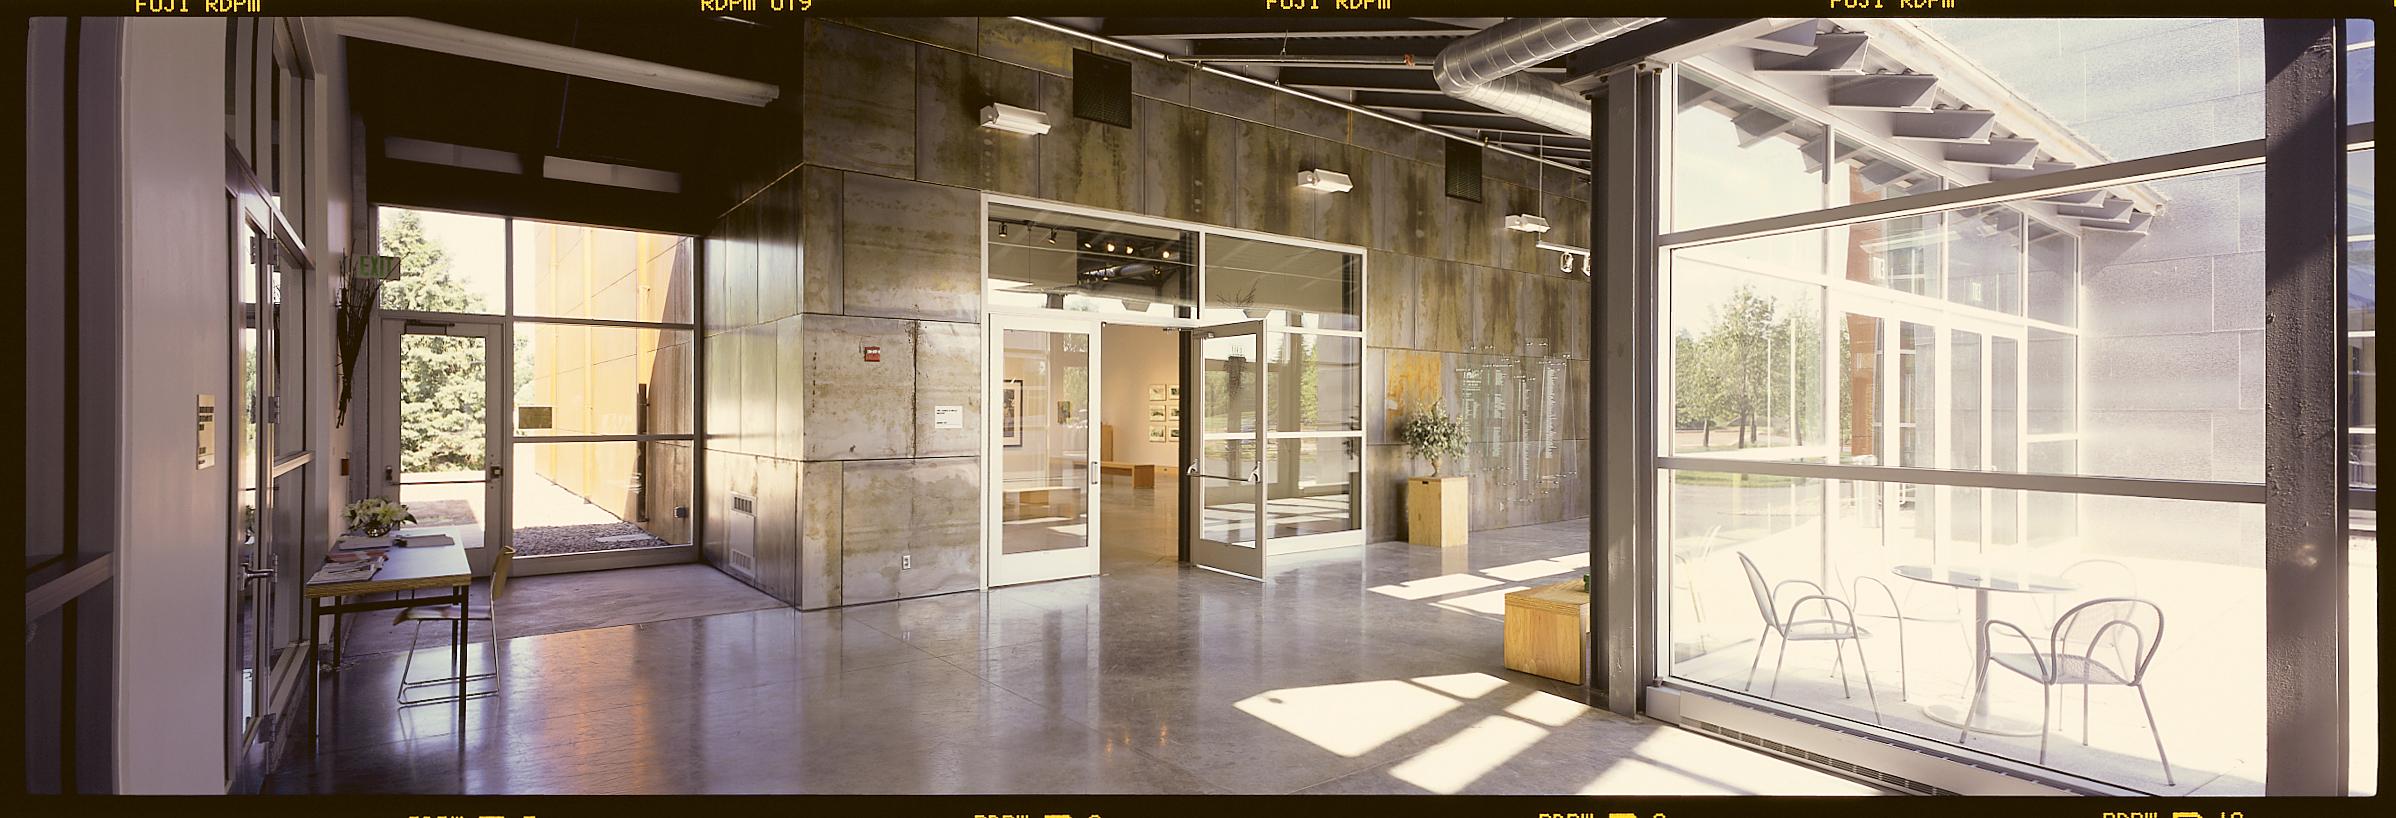 gallerydoor15